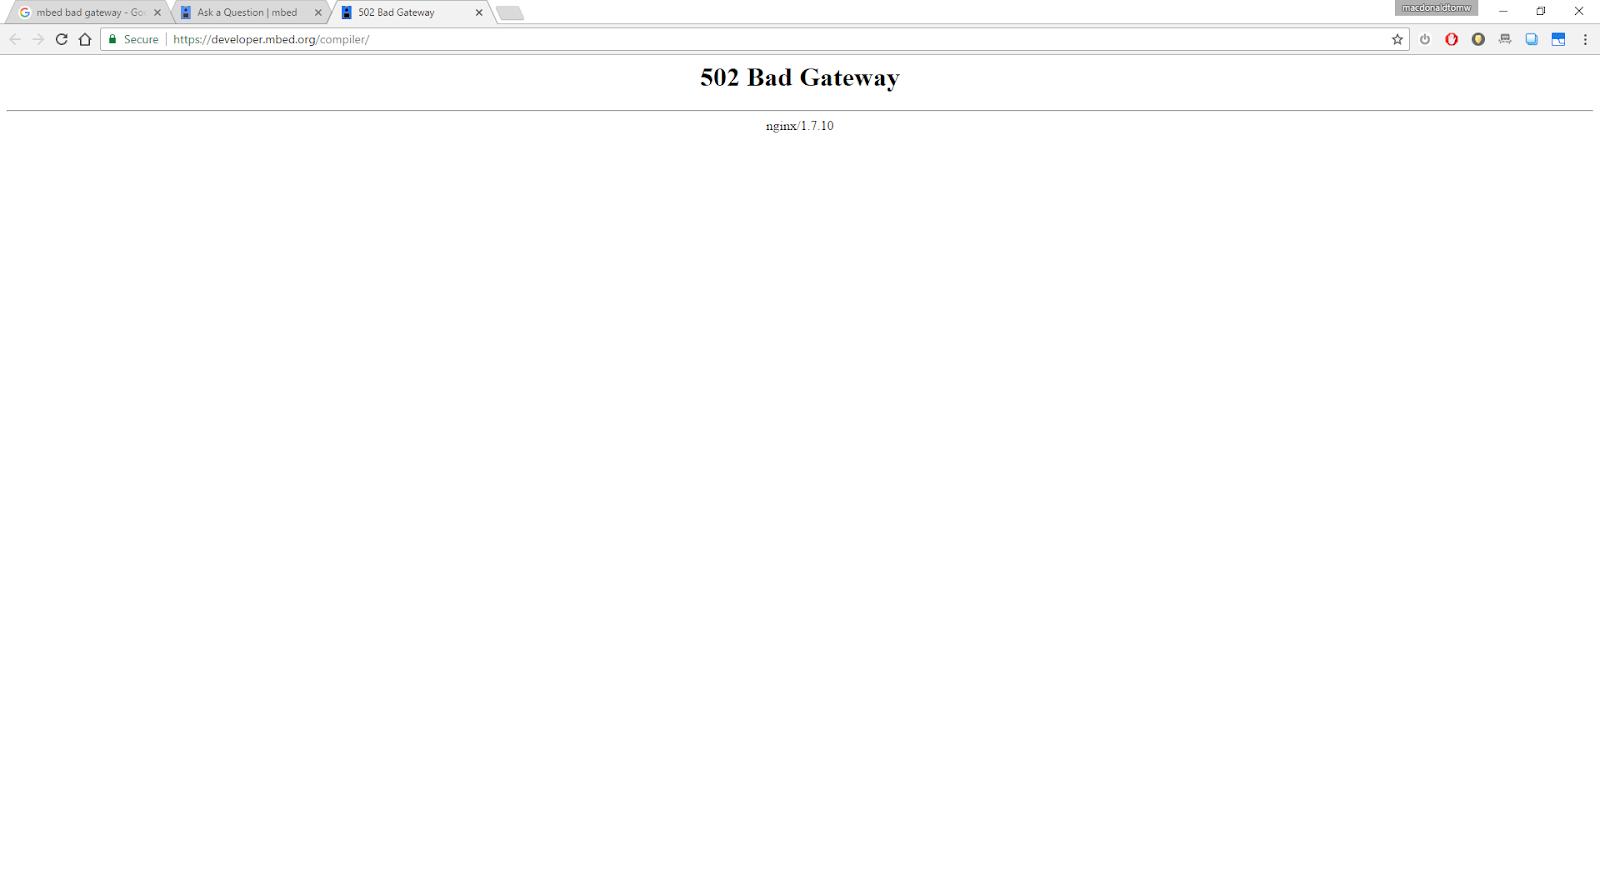 HTTP ERROR 502 NGINX - How to fix 502 Bad Gateway Error